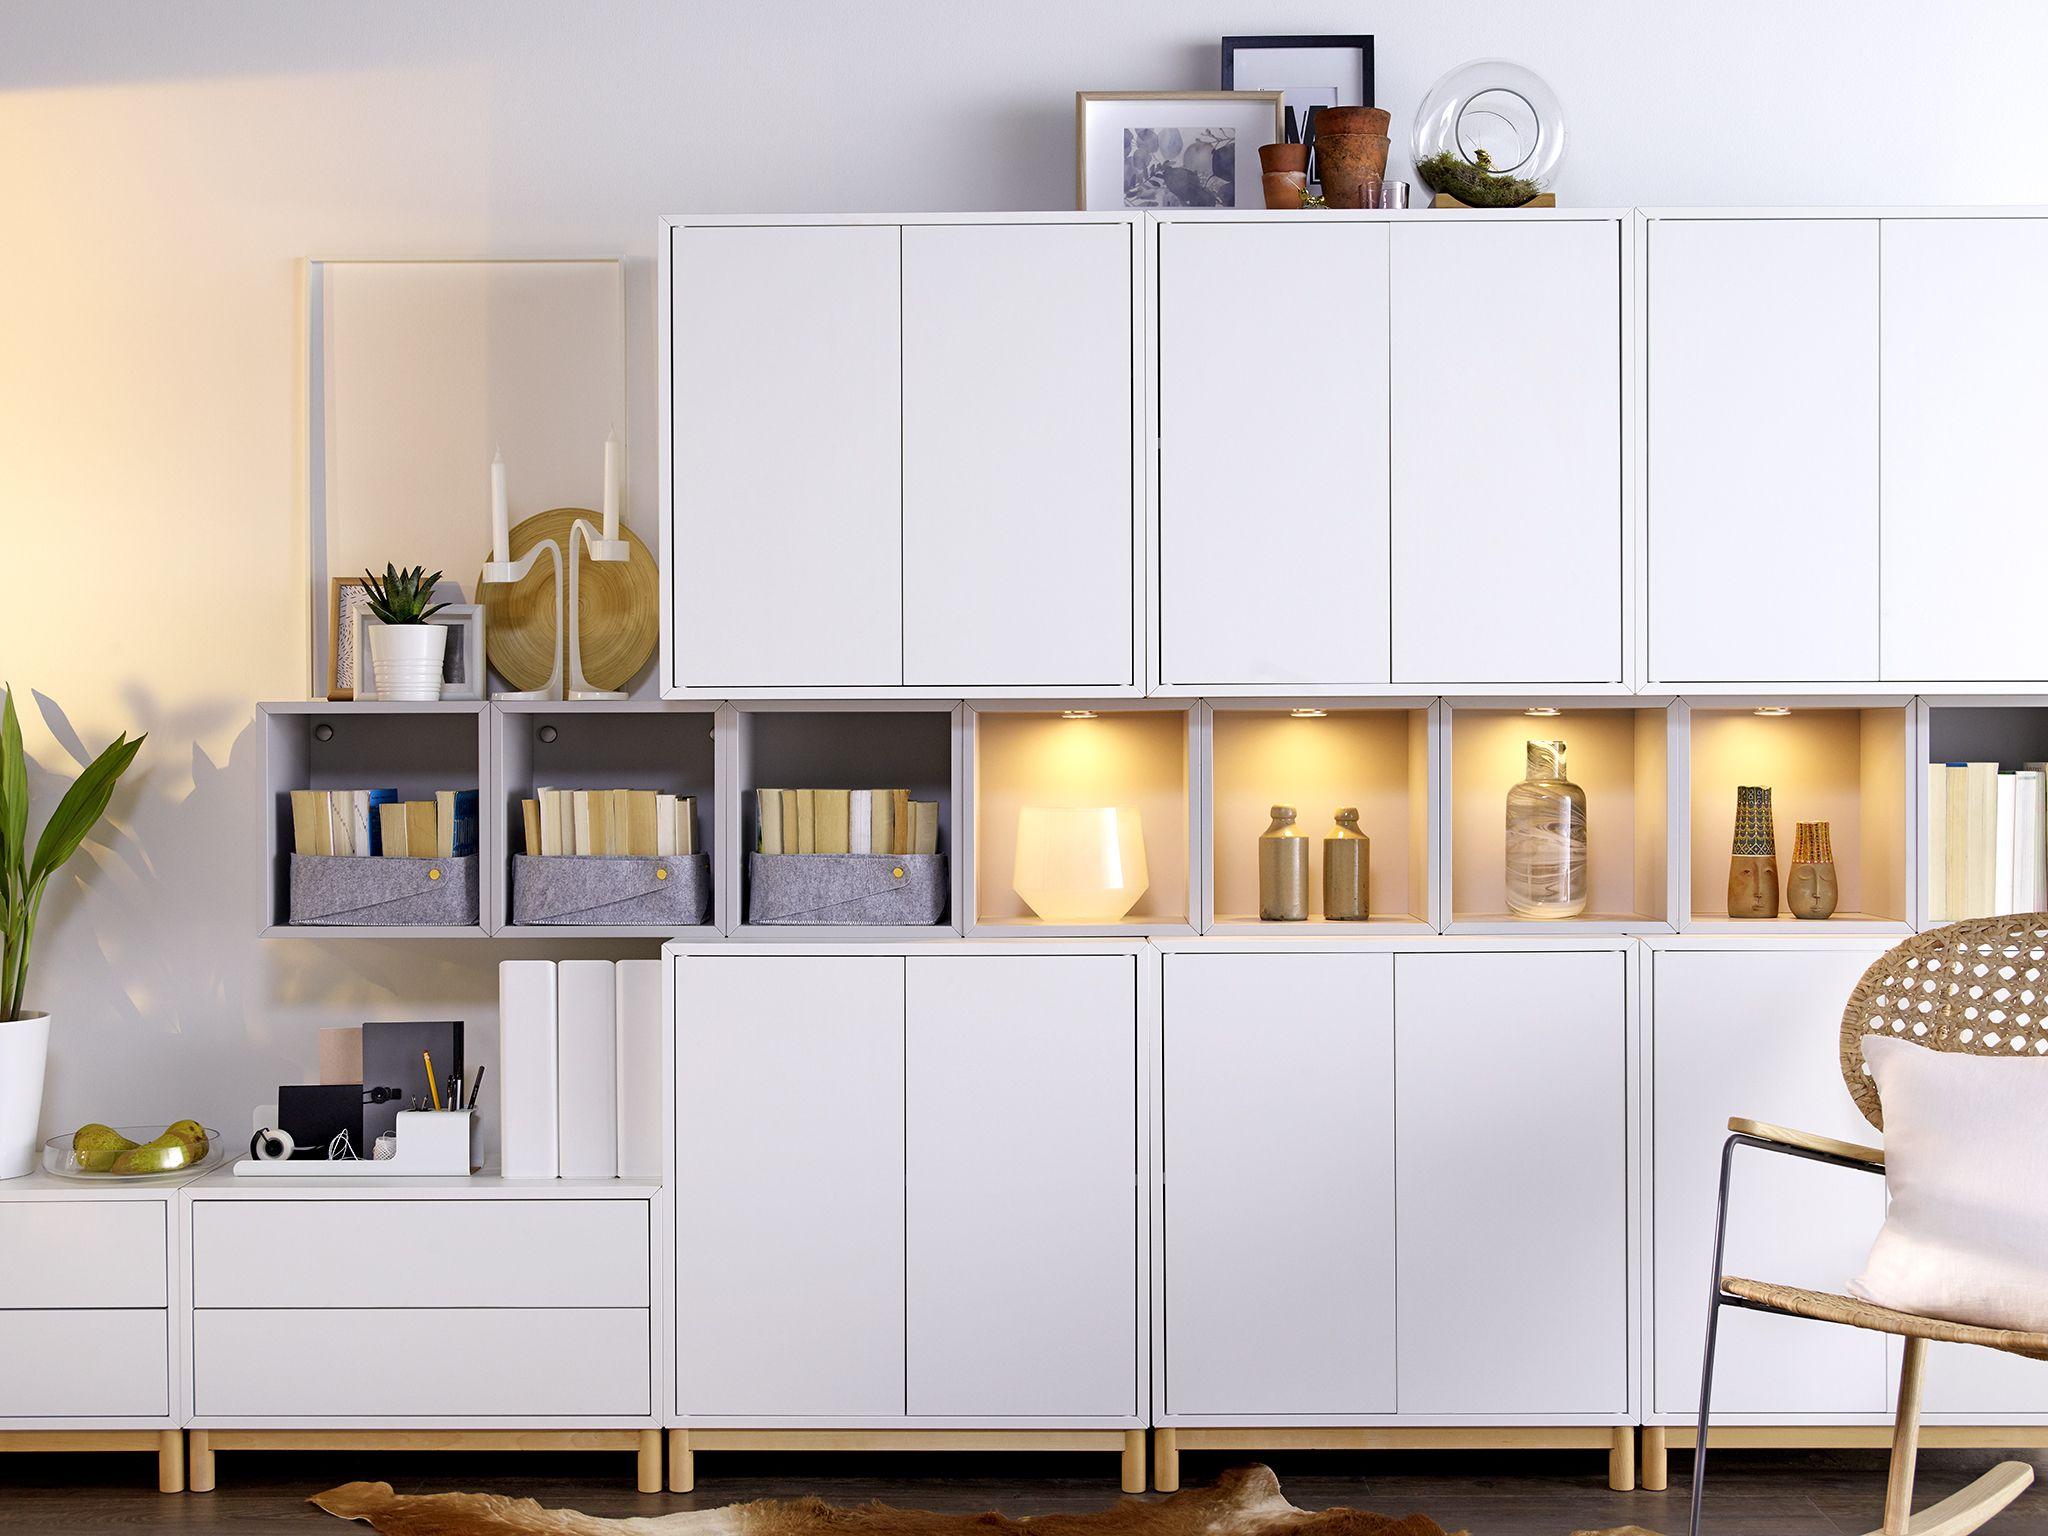 Pin Van Martina Persa Op Me Ikea Woonkamer Inrichting Interieur